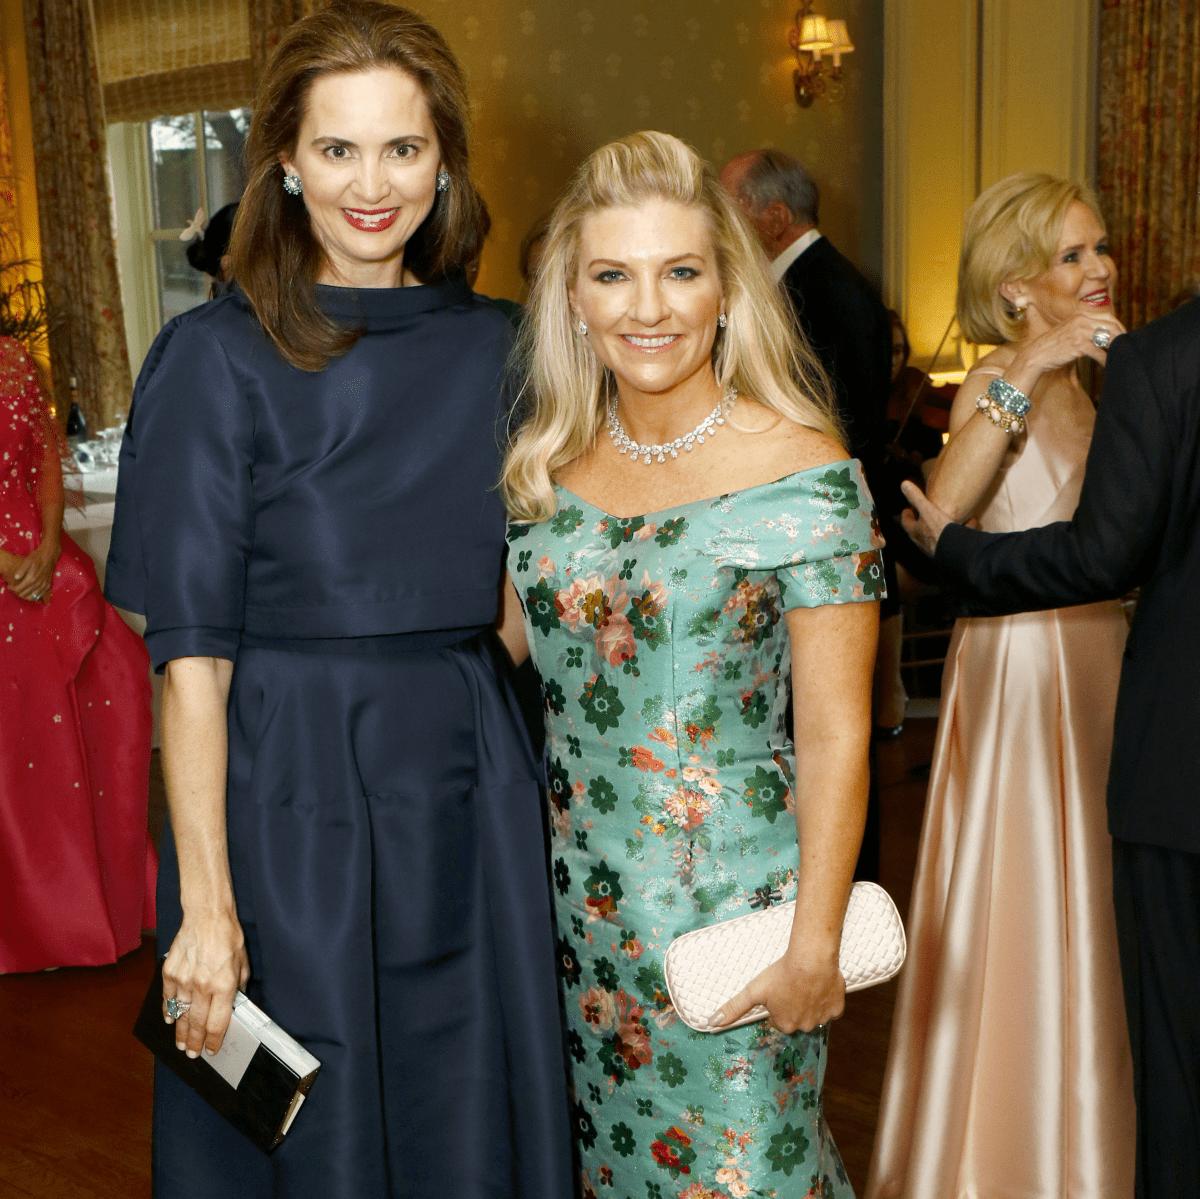 Carrie Becker, Katherine Reeves